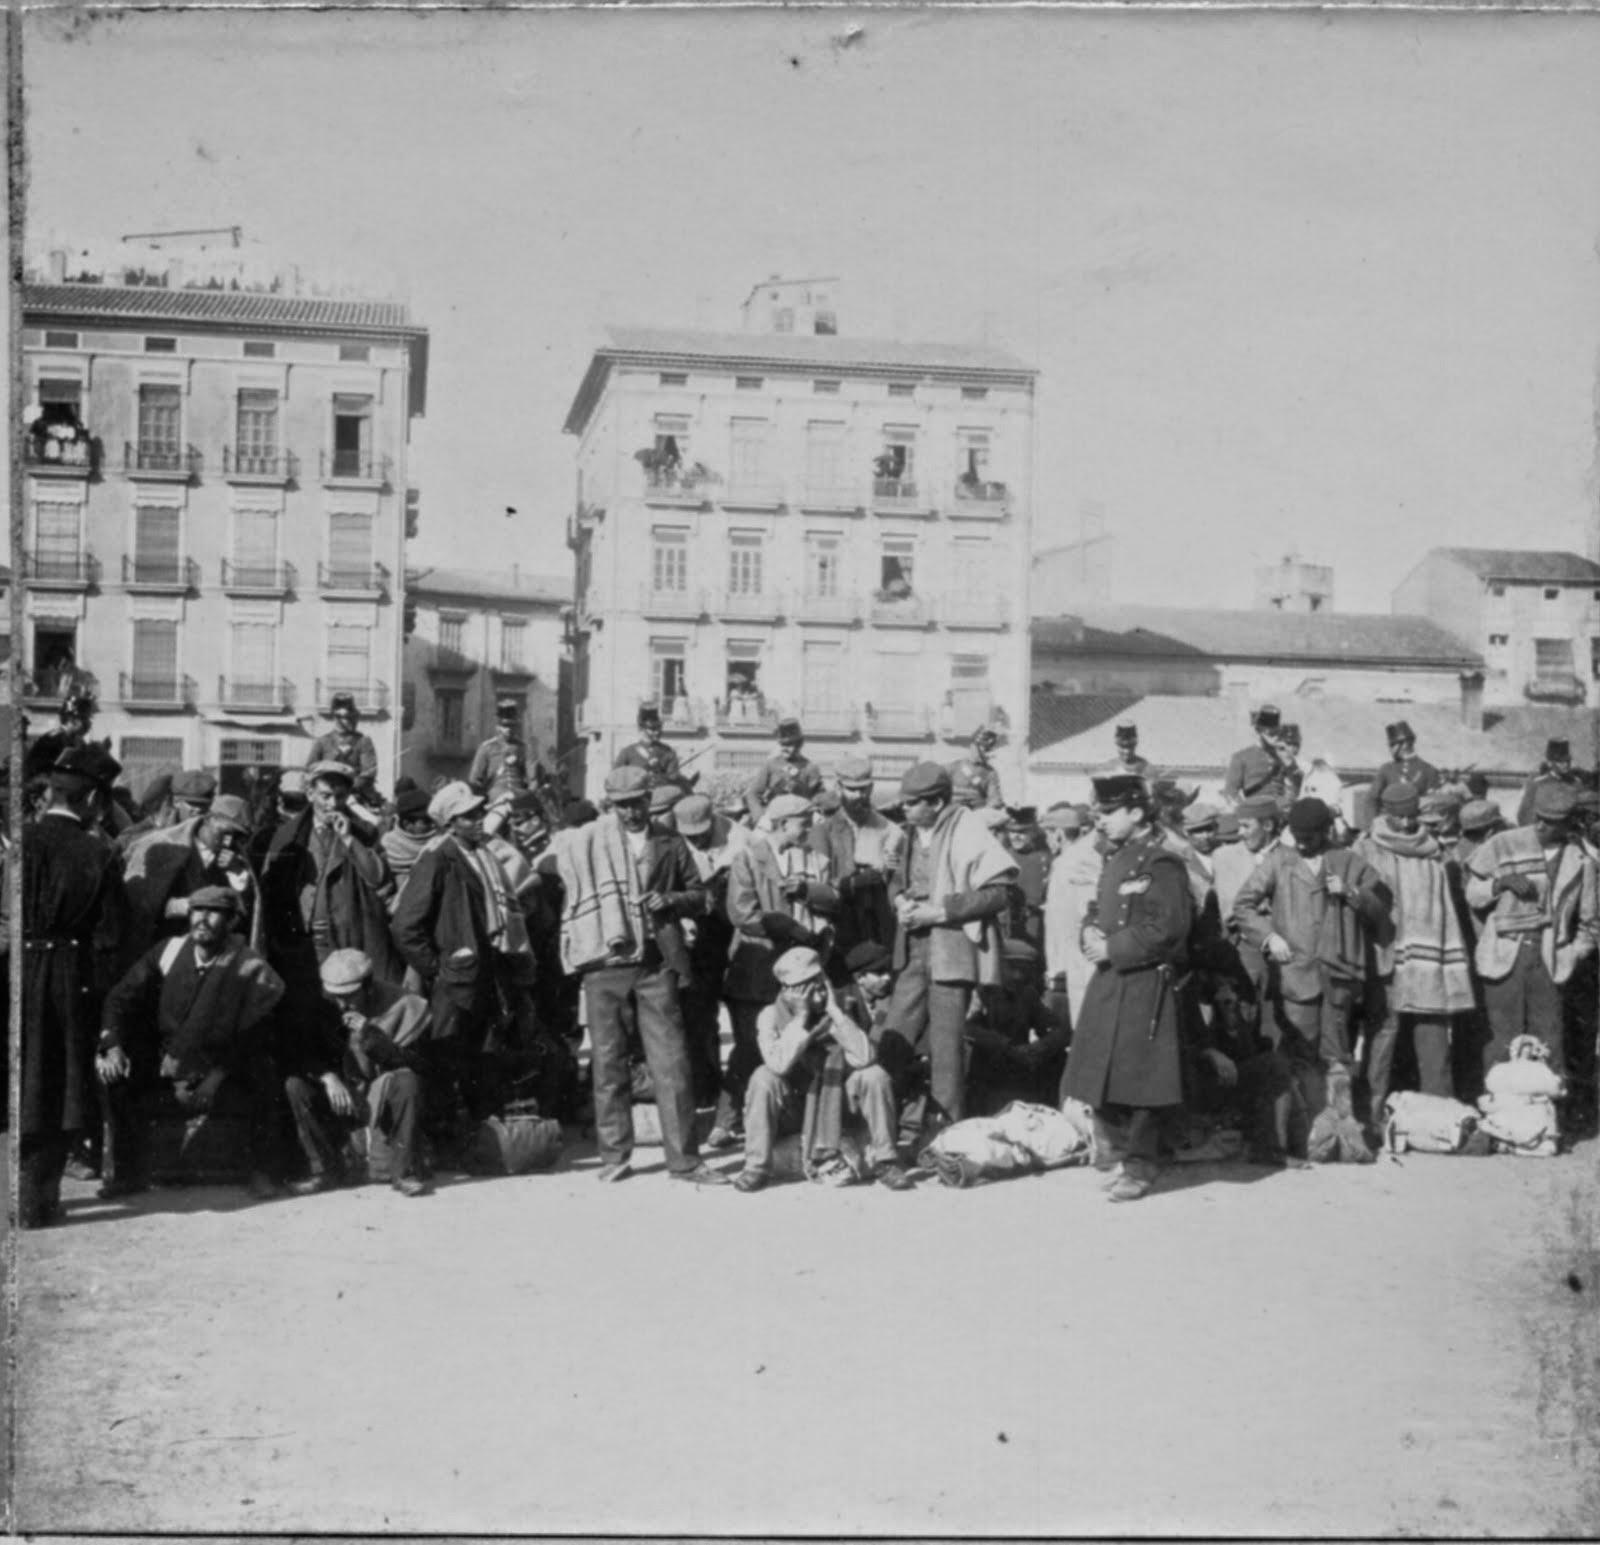 Llegada a Valencia de soldados repatriados